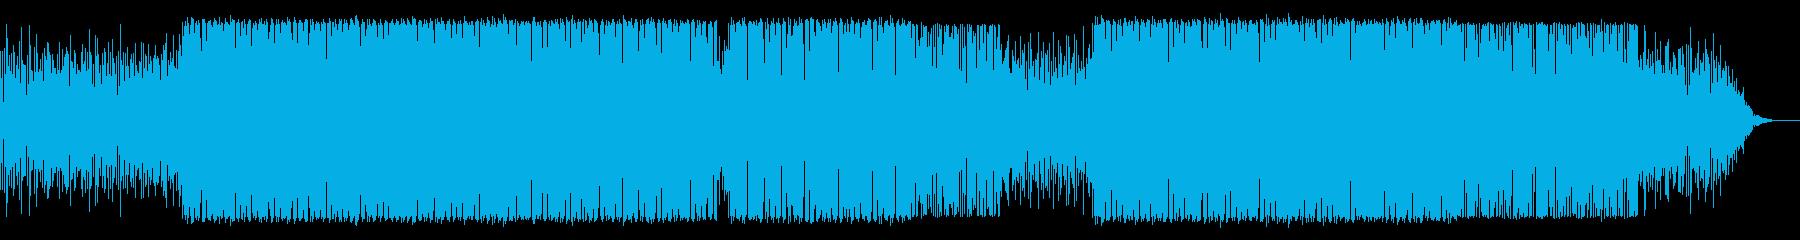 ニュース・映像向け未来的テクノBGMの再生済みの波形